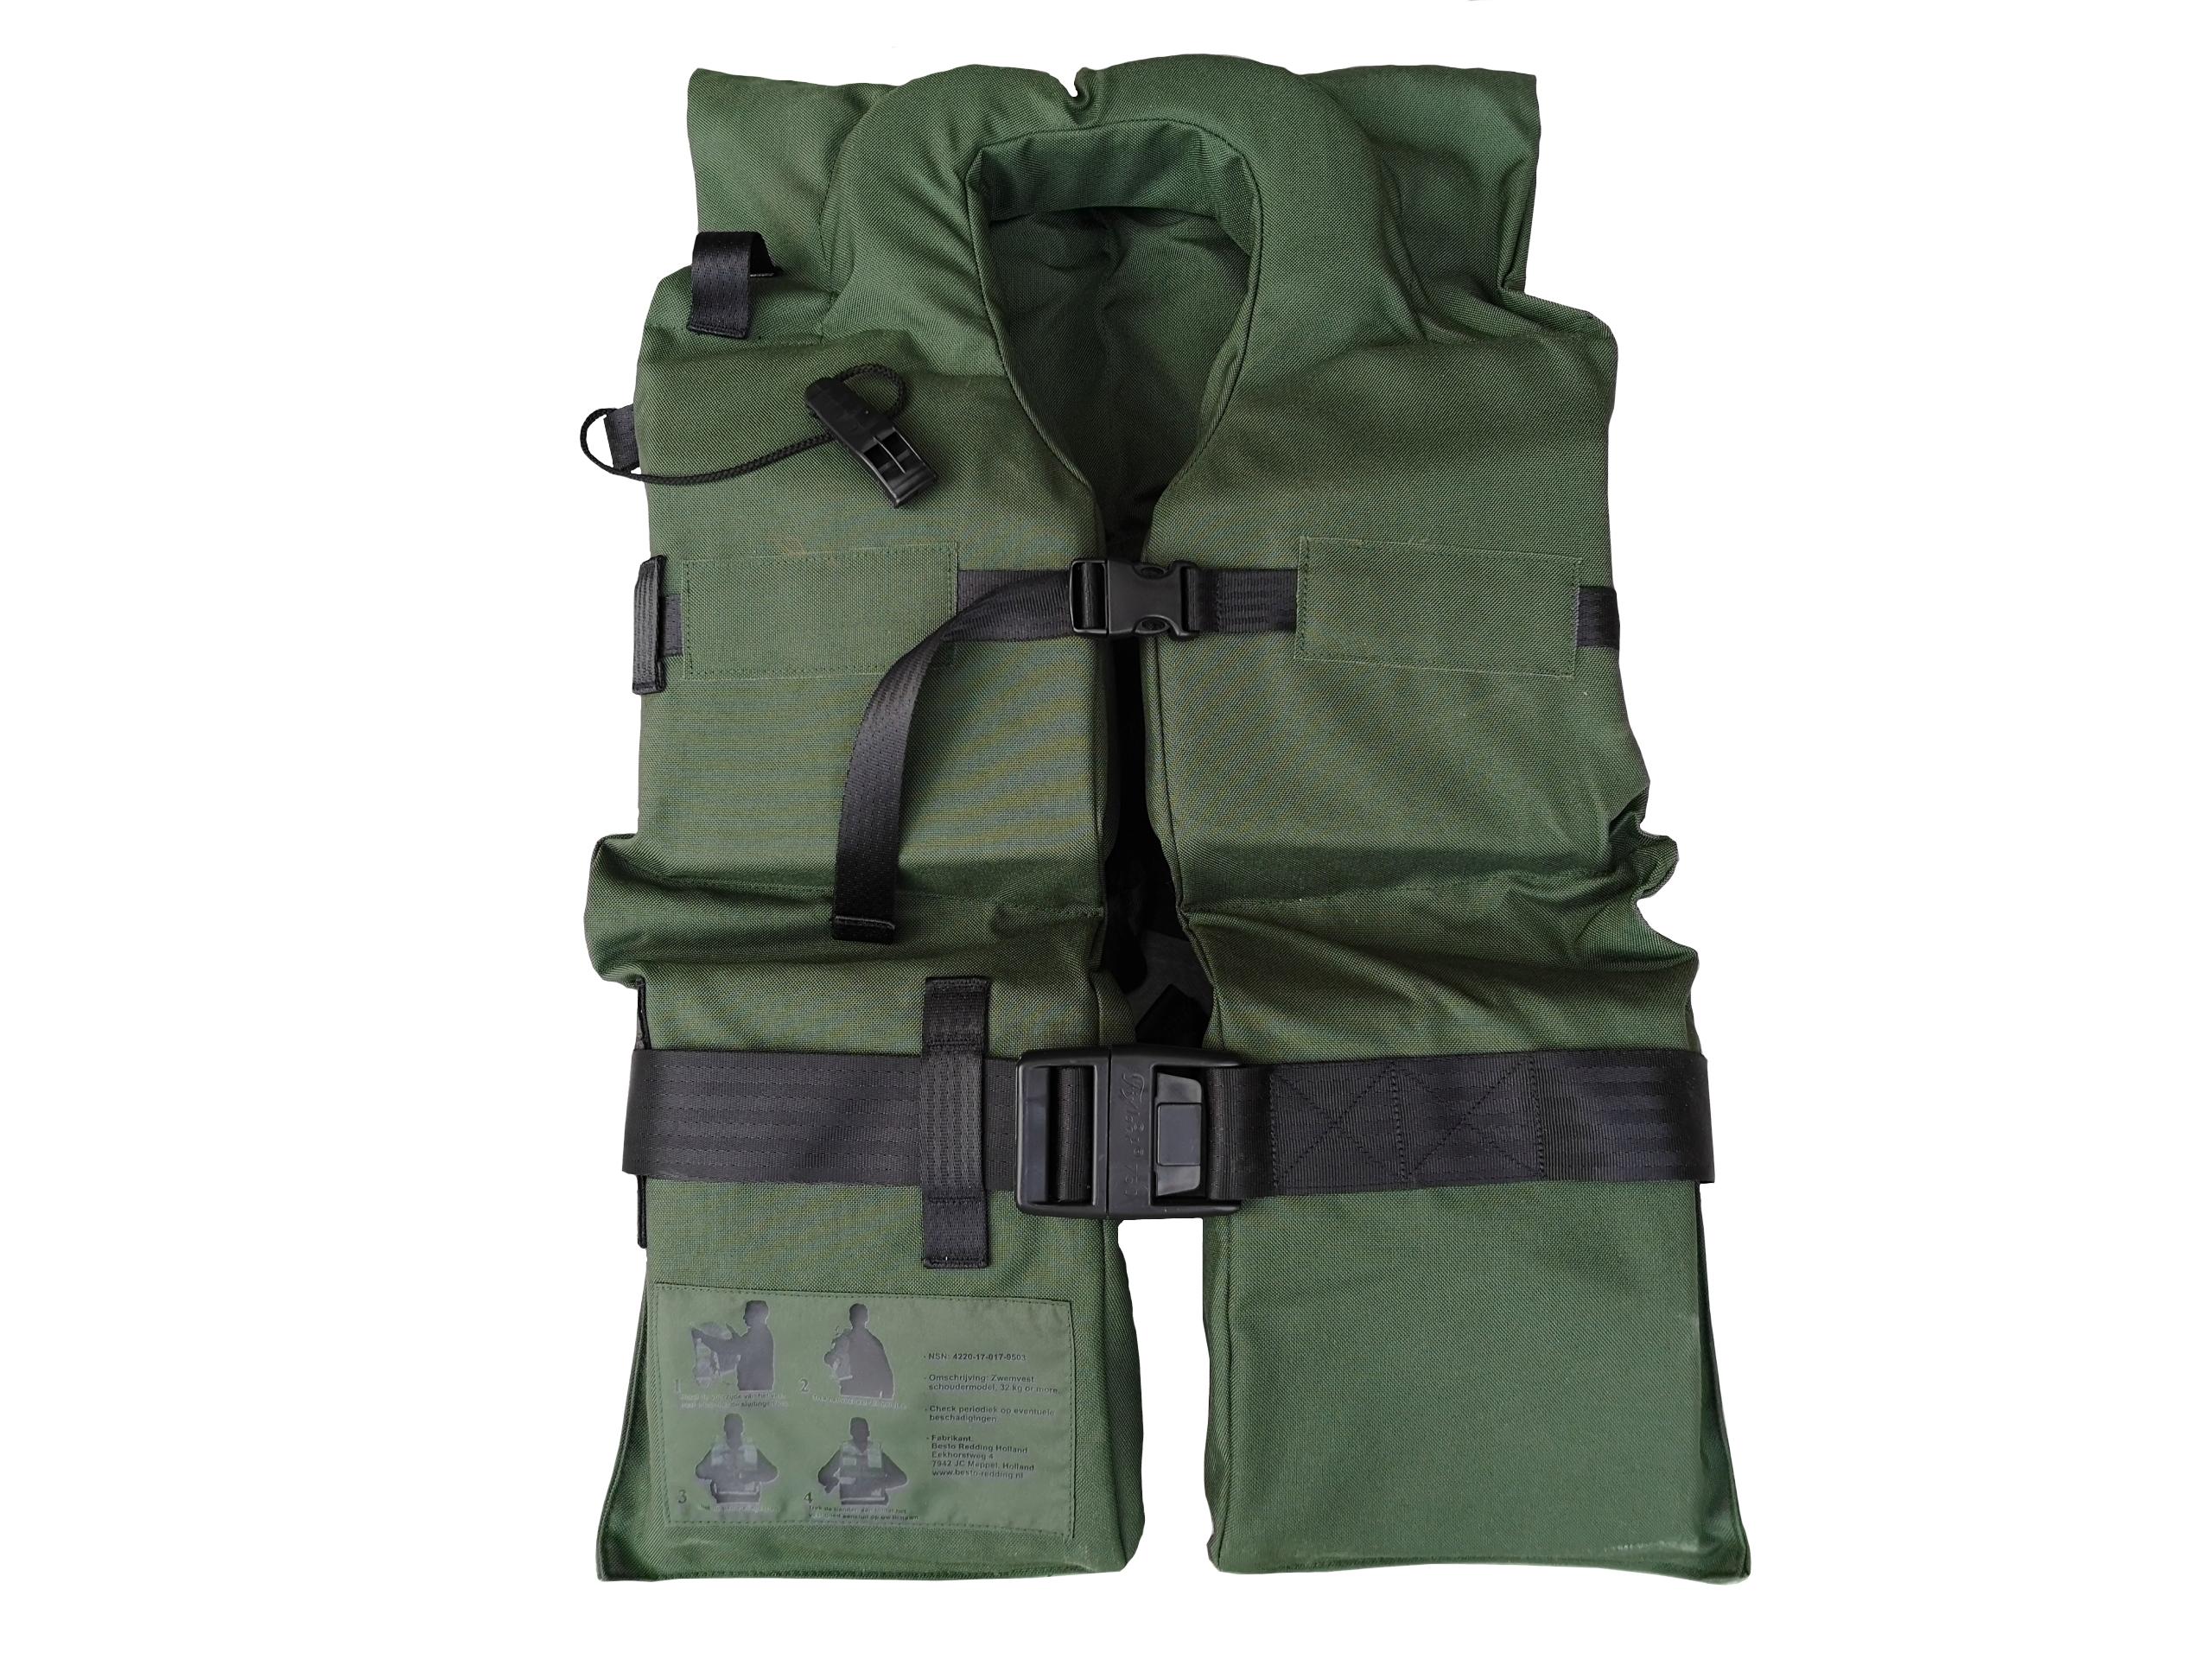 ARMÁDNÍ ORIGINÁL HOLANDSKO Záchranná plovací vesta Besto Holandsko zelená originál